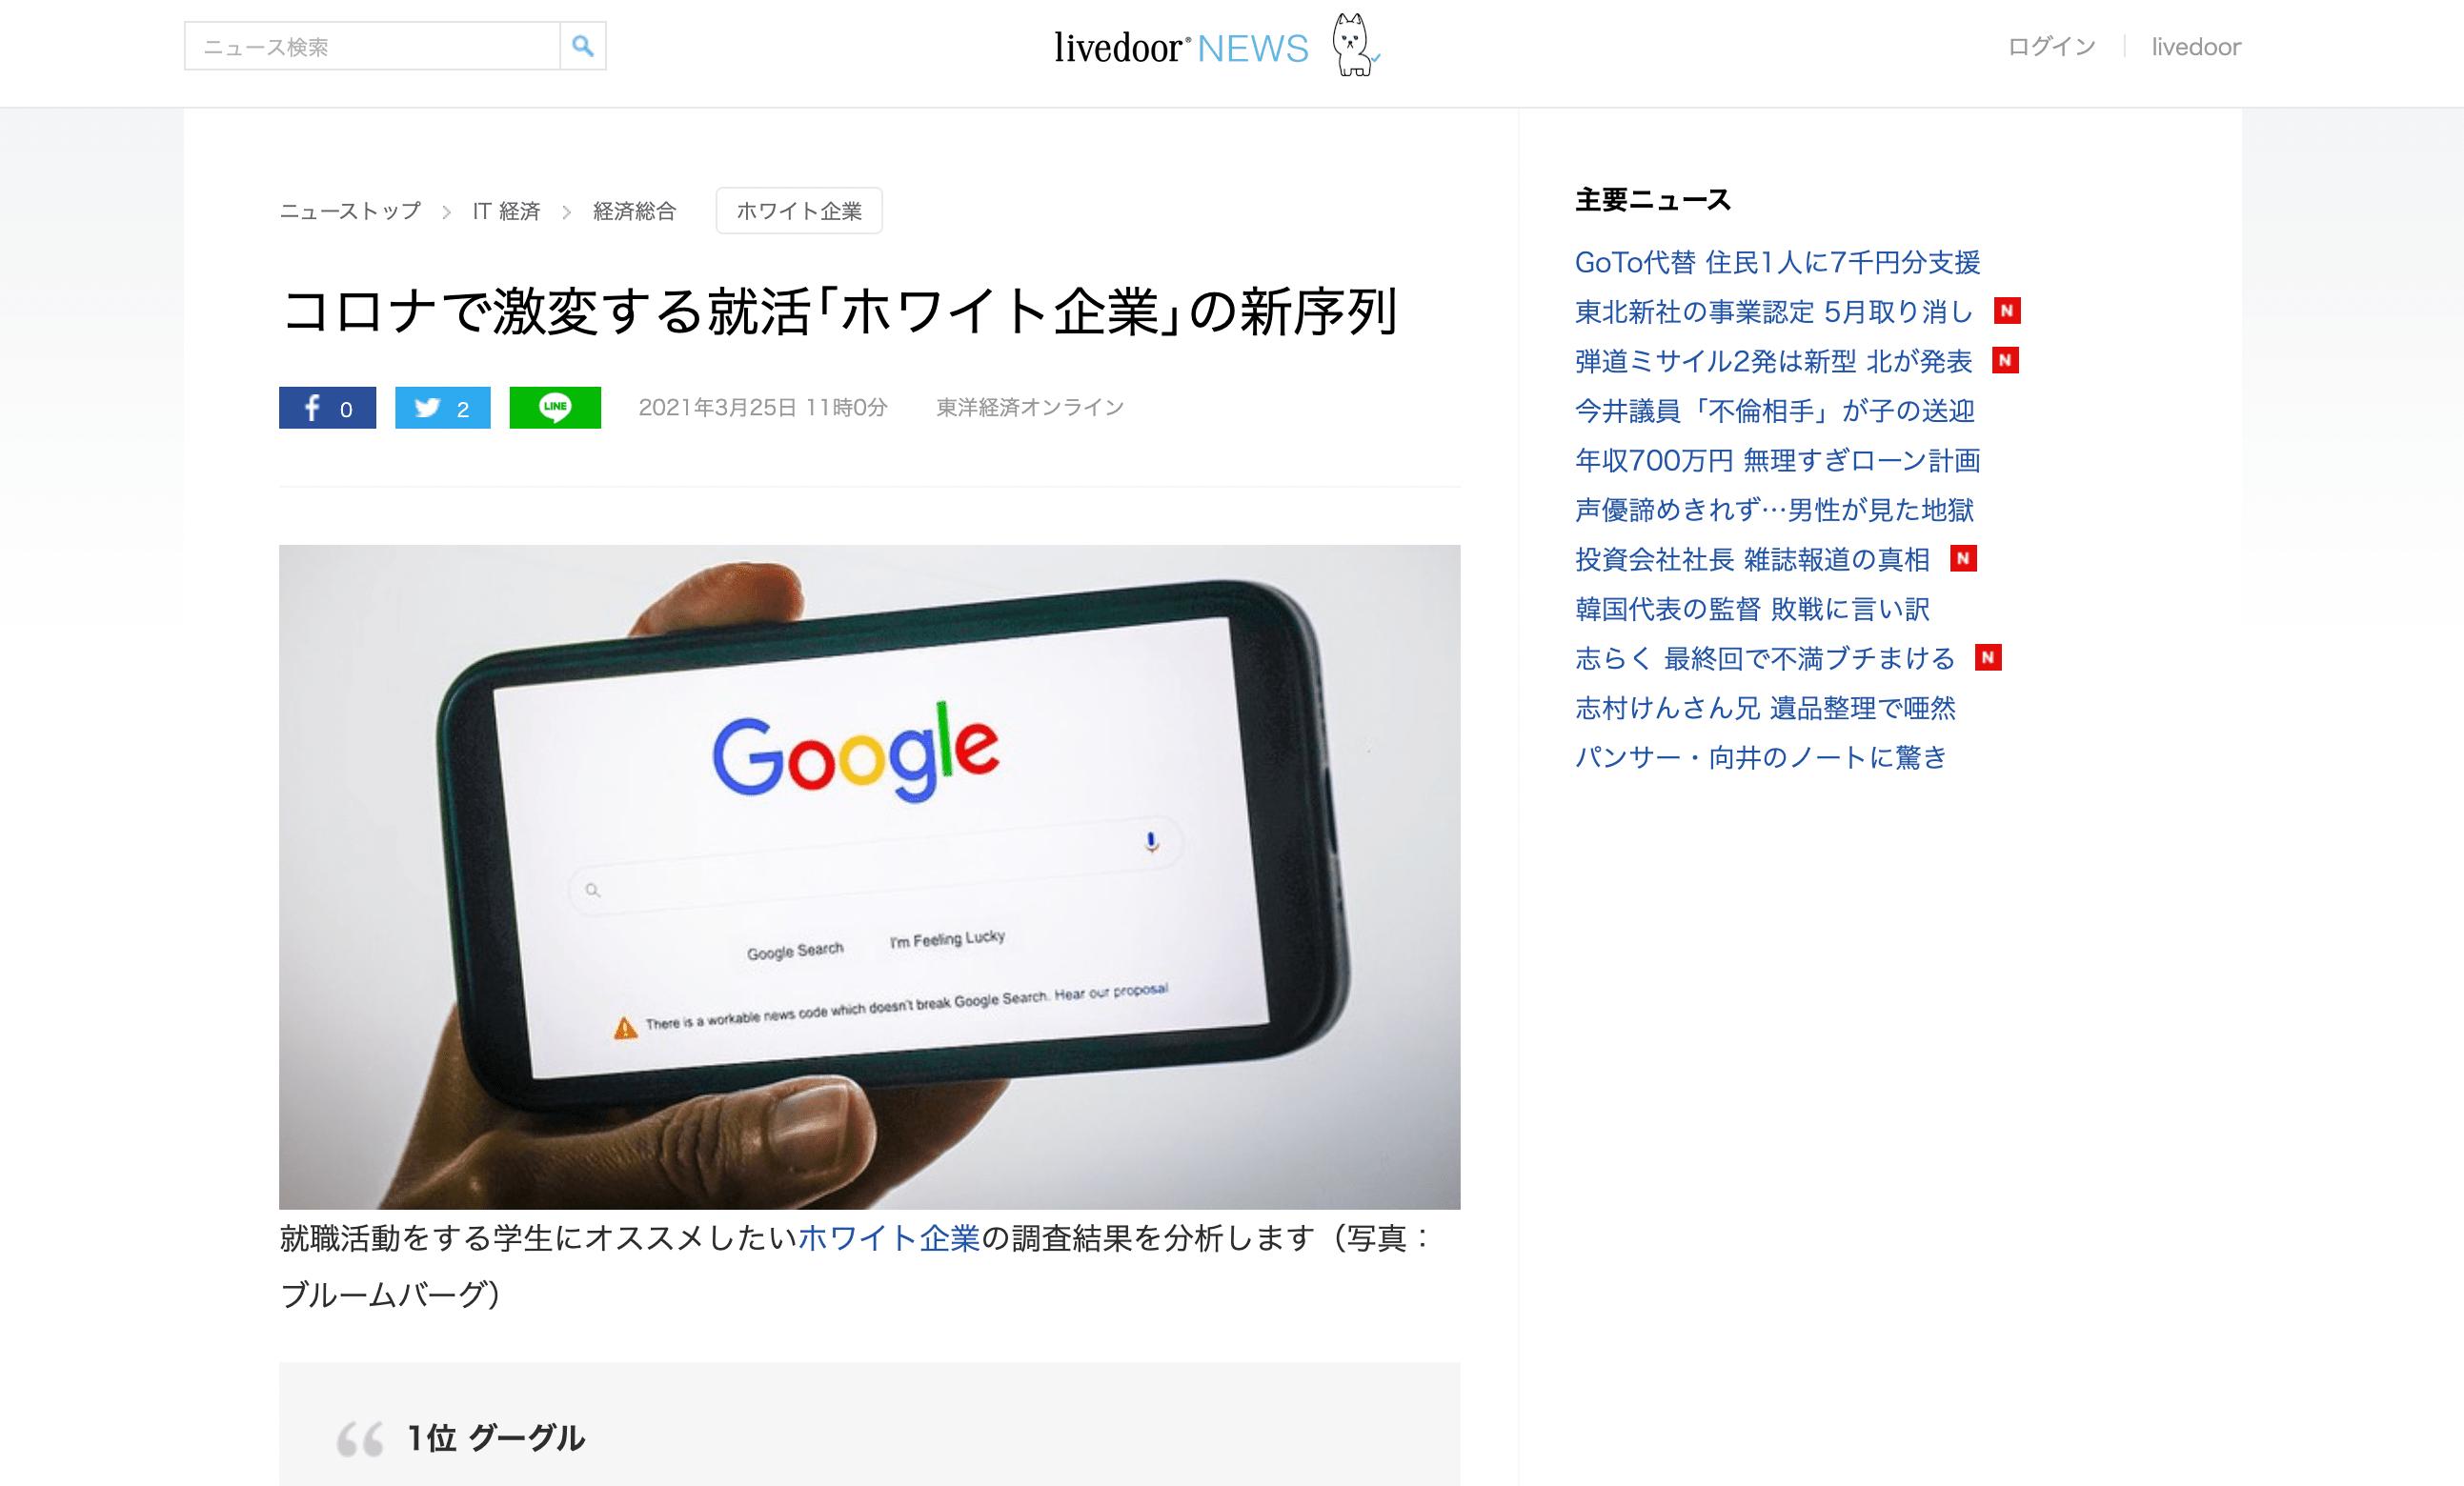 livedoorNEWSでの紹介記事